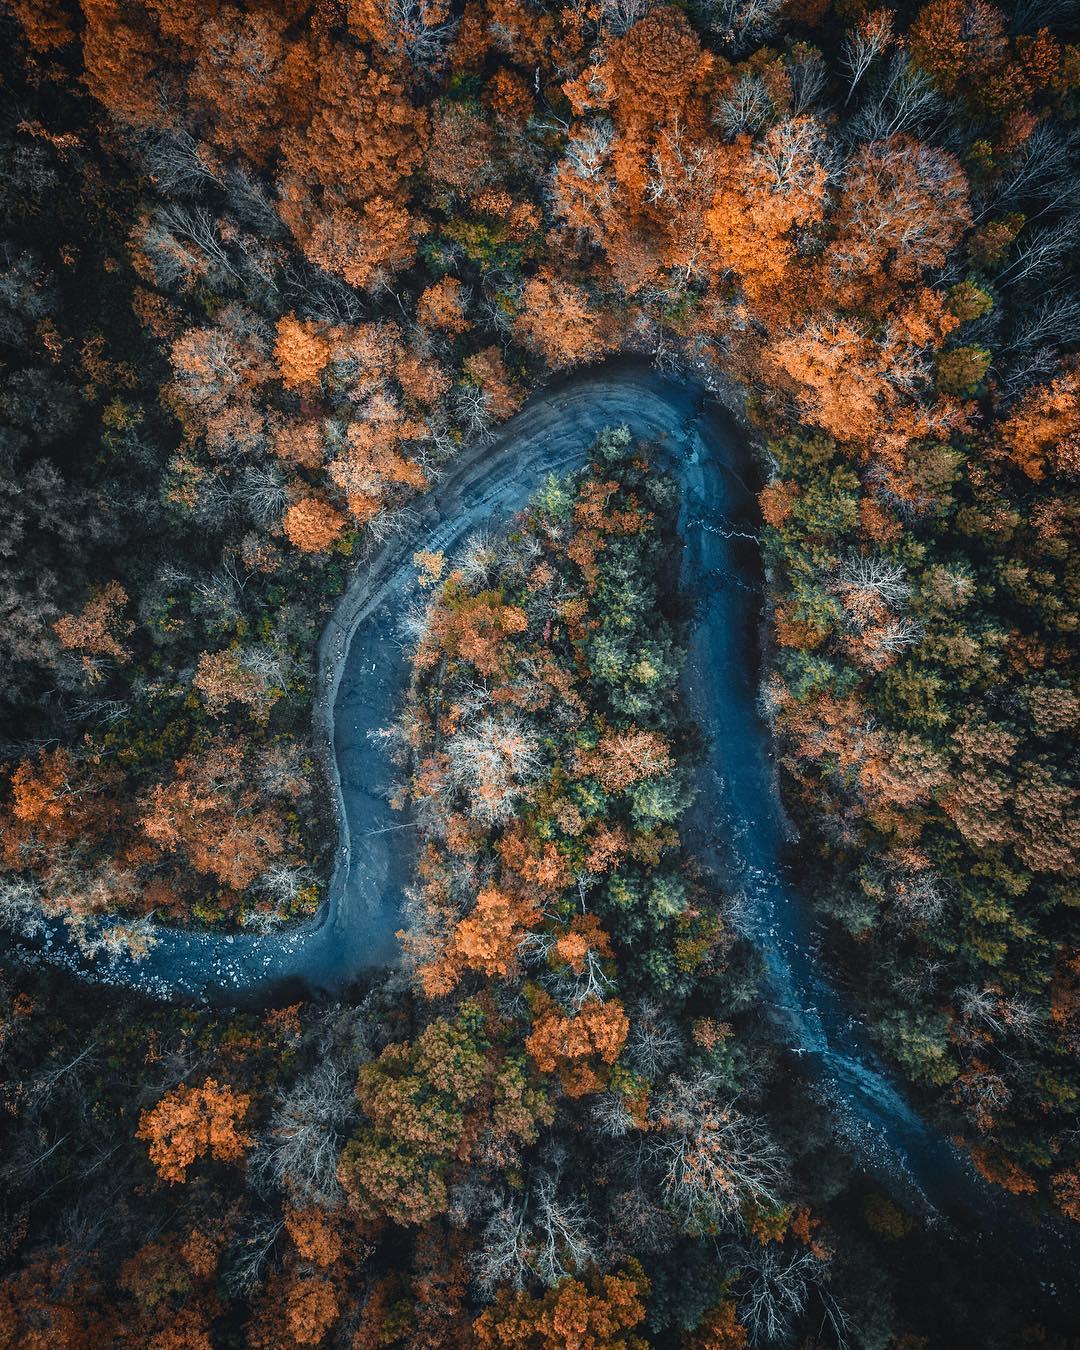 Путешествия и природа на аэрофотоснимках Адама Данни